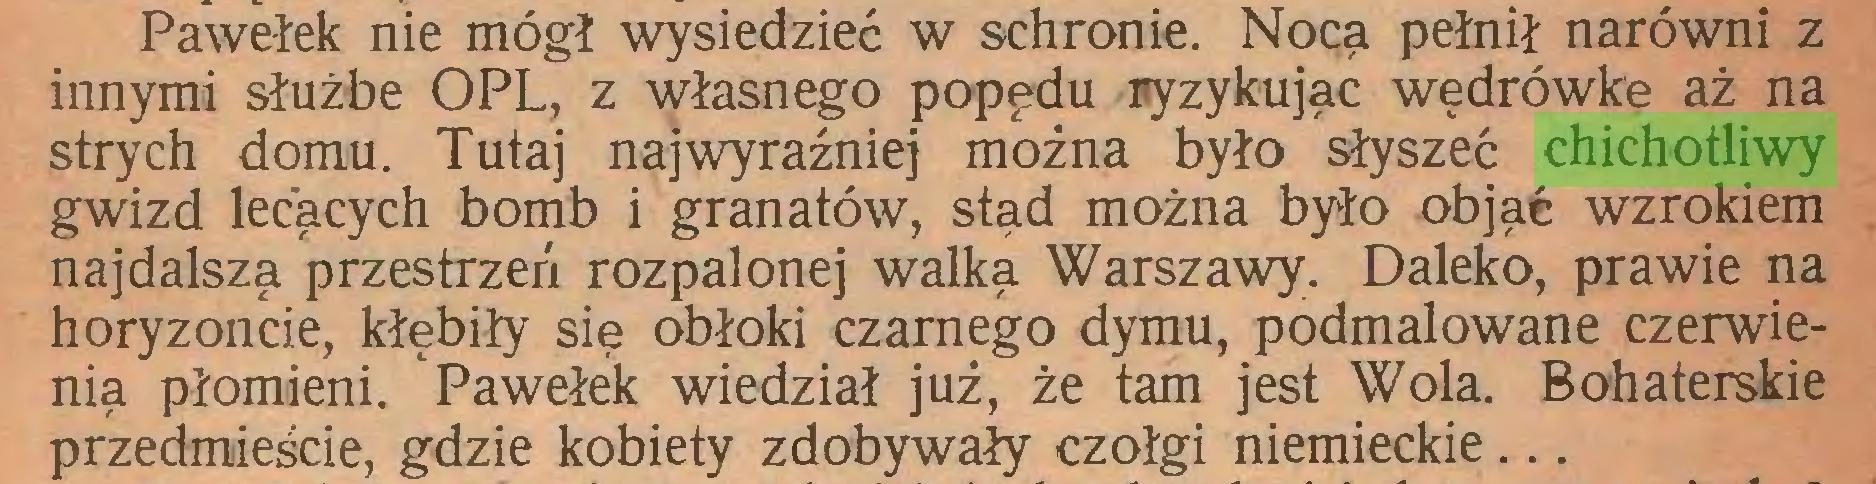 (...) Pawełek nie mógł wysiedzieć w schronie. Nocą pełnił narówni z innymi służbę OPL, z własnego popędu ryzykując wędrówkę aż na strych domu. Tutaj najwyraźniej można było słyszeć chichotliwy gwizd lecących bomb i granatów, stąd można było objąć wzrokiem najdalszą przestrzeń rozpalonej walką Warszawy. Daleko, prawie na horyzoncie, kłębiły się obłoki czarnego dymu, podmalowane czerwienią płomieni. Pawełek wiedział już, że tam jest Wola. Bohaterskie przedmieście, gdzie kobiety zdobywały czołgi niemieckie...